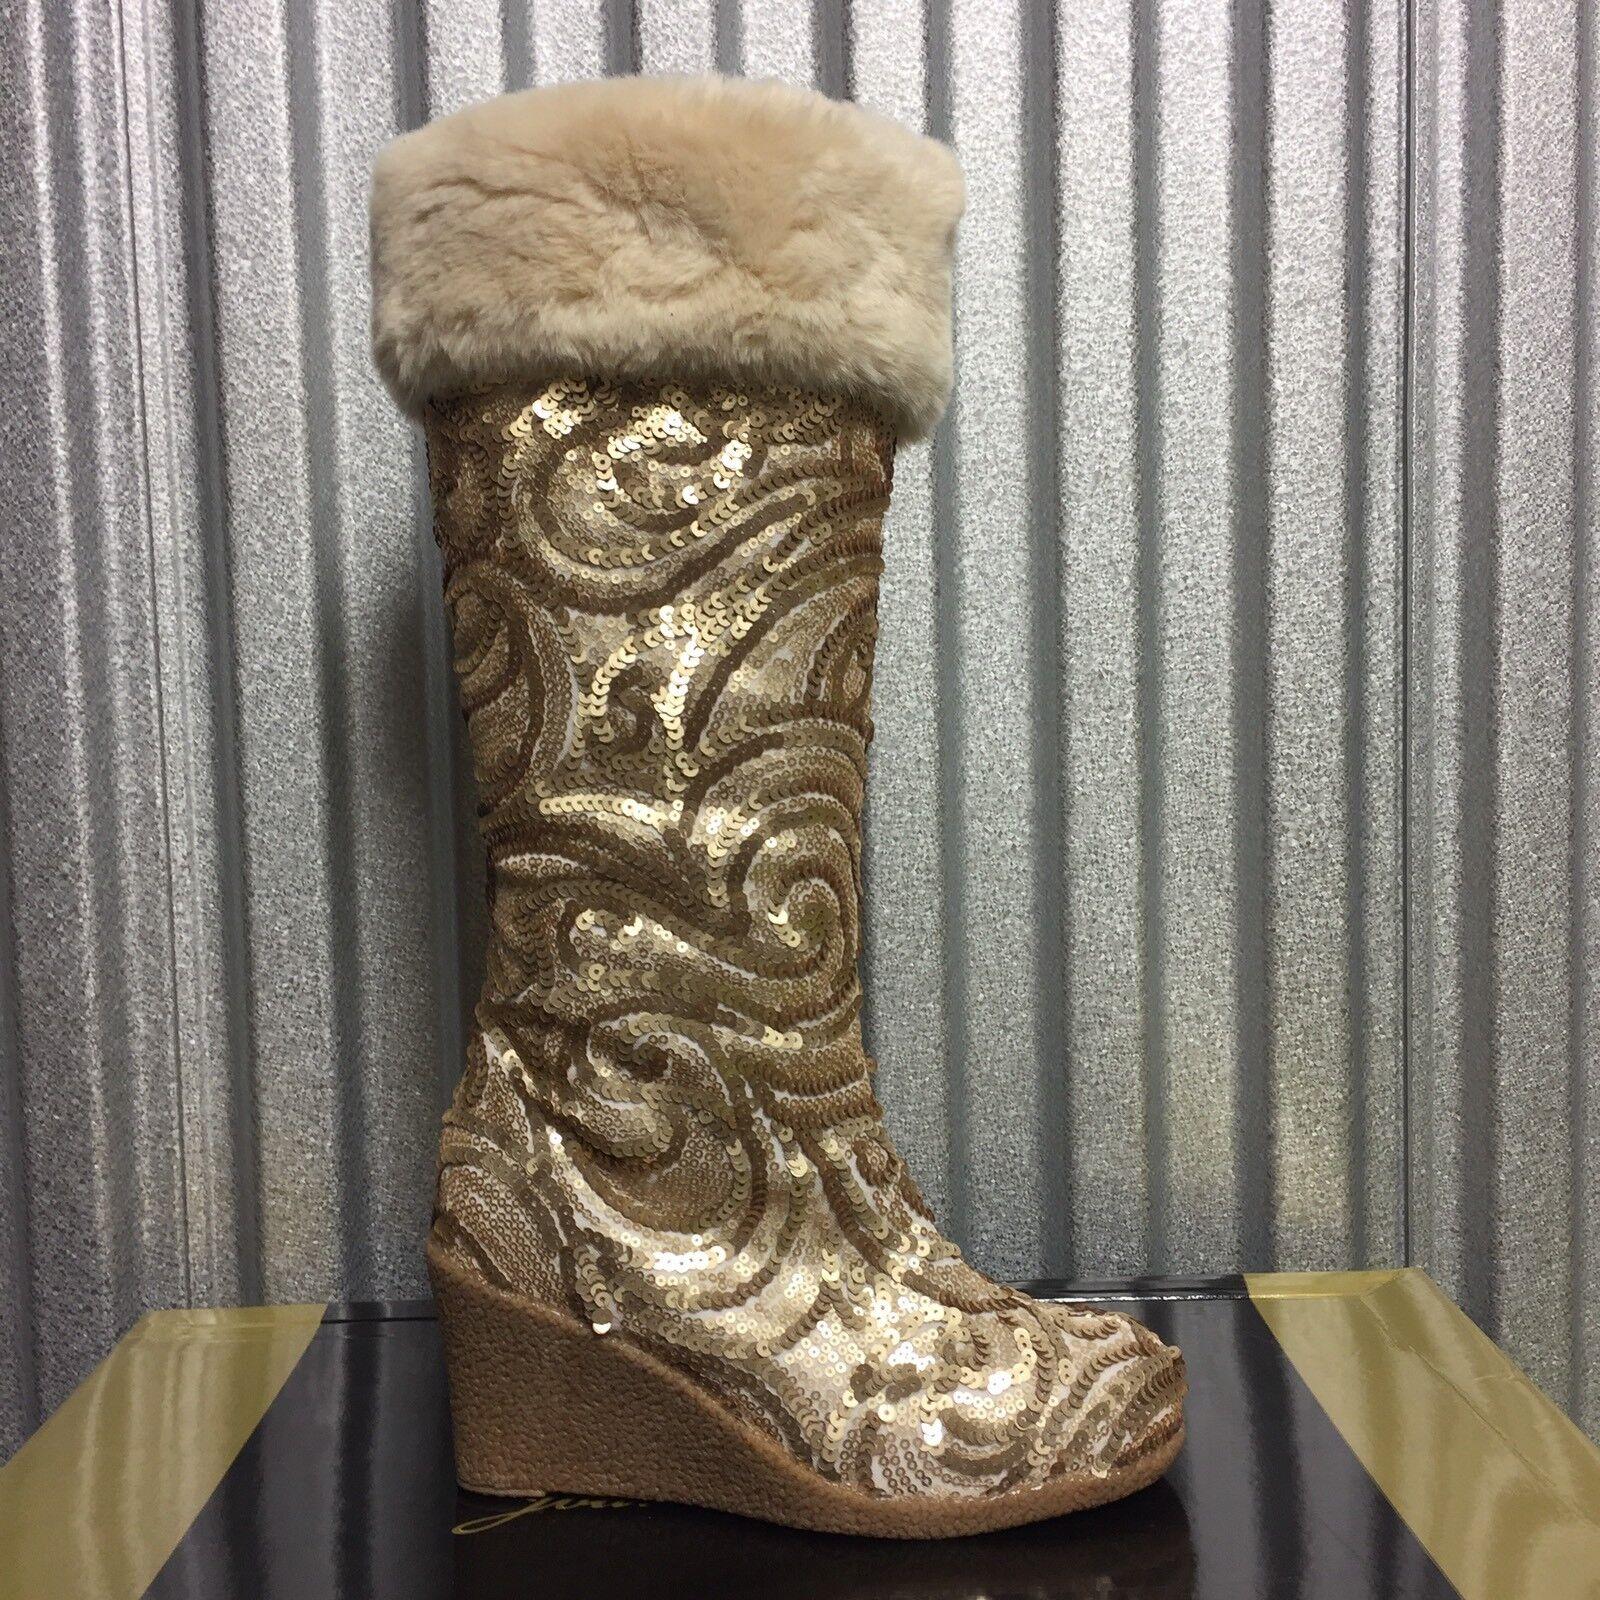 New JOAN BOYCE gold Sequin SHARI Tall Wedge Boots 6 M Faux Fur Cuff